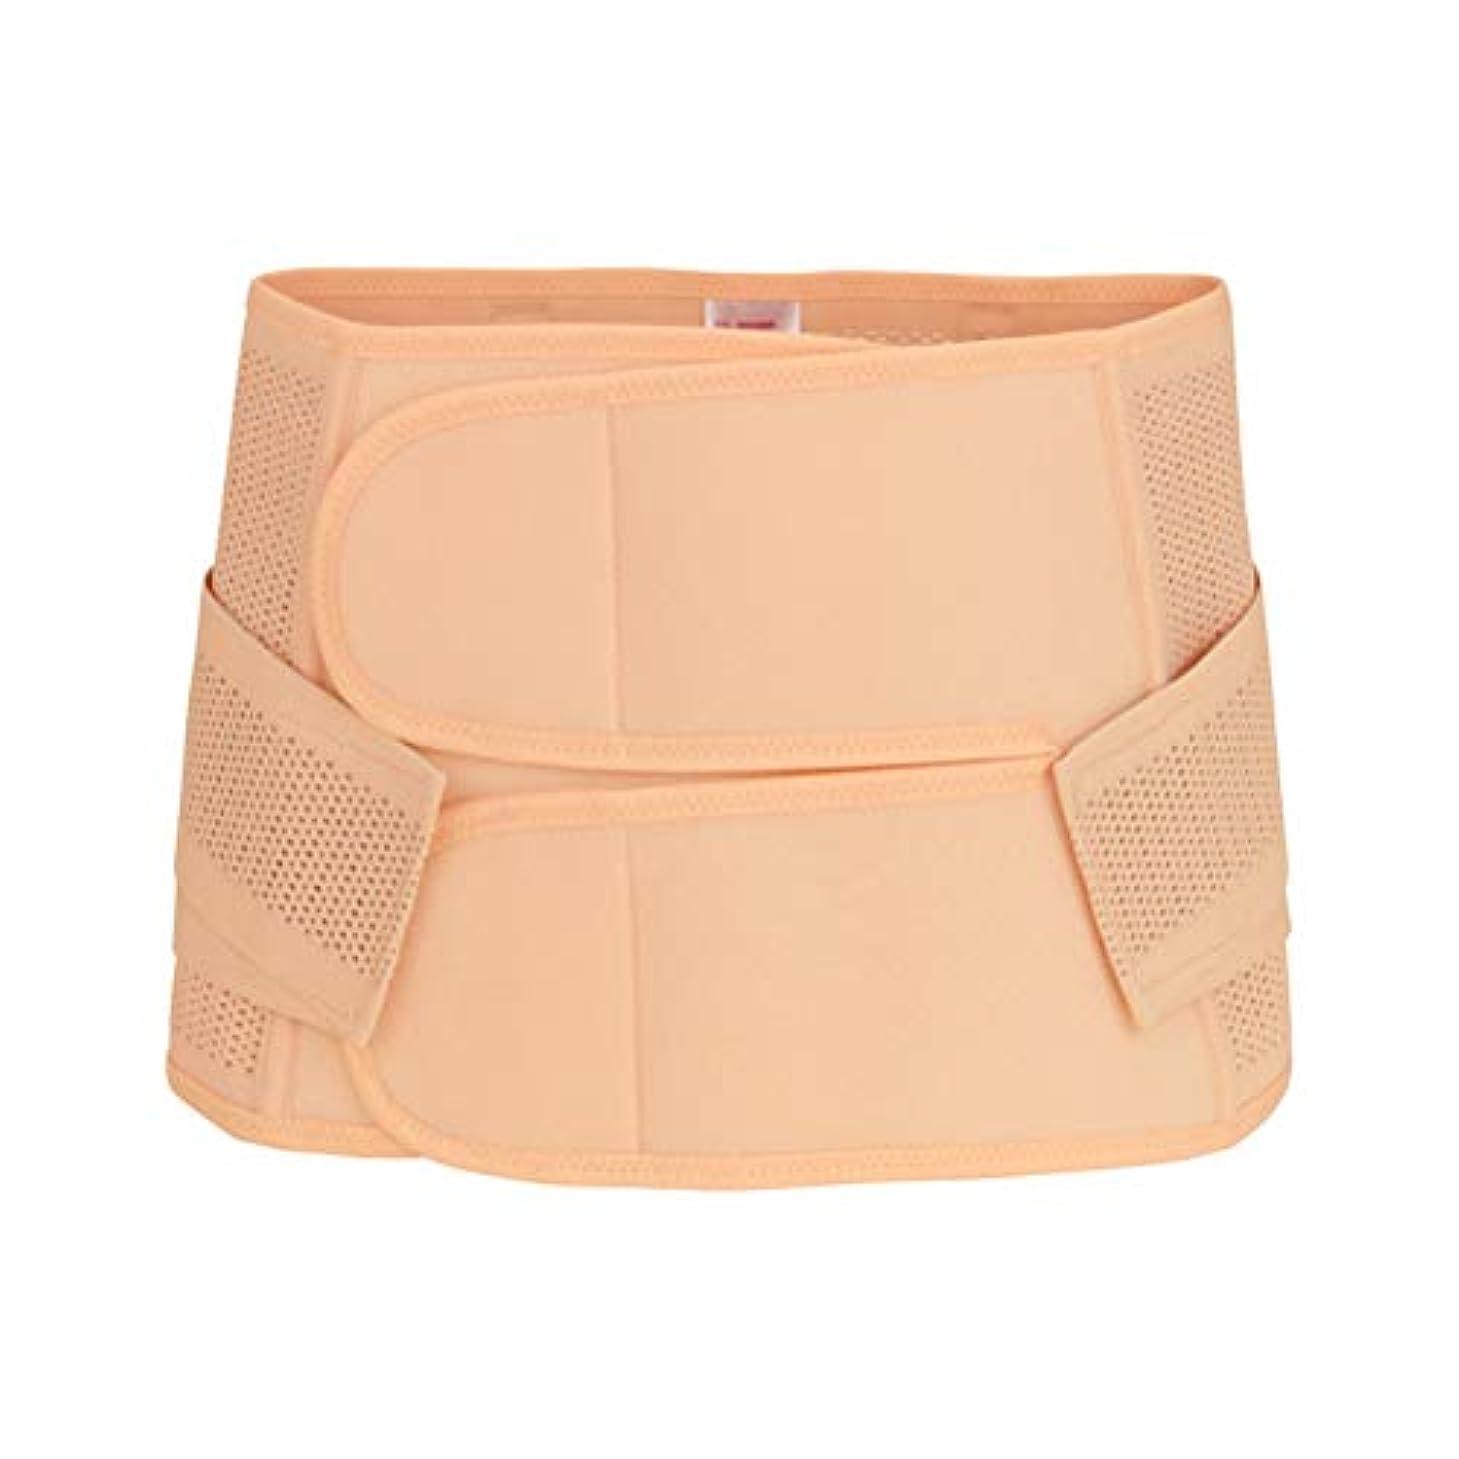 パス核繰り返したHealifty 腹部ベルト通気性ShapewearサイズM(肌色)